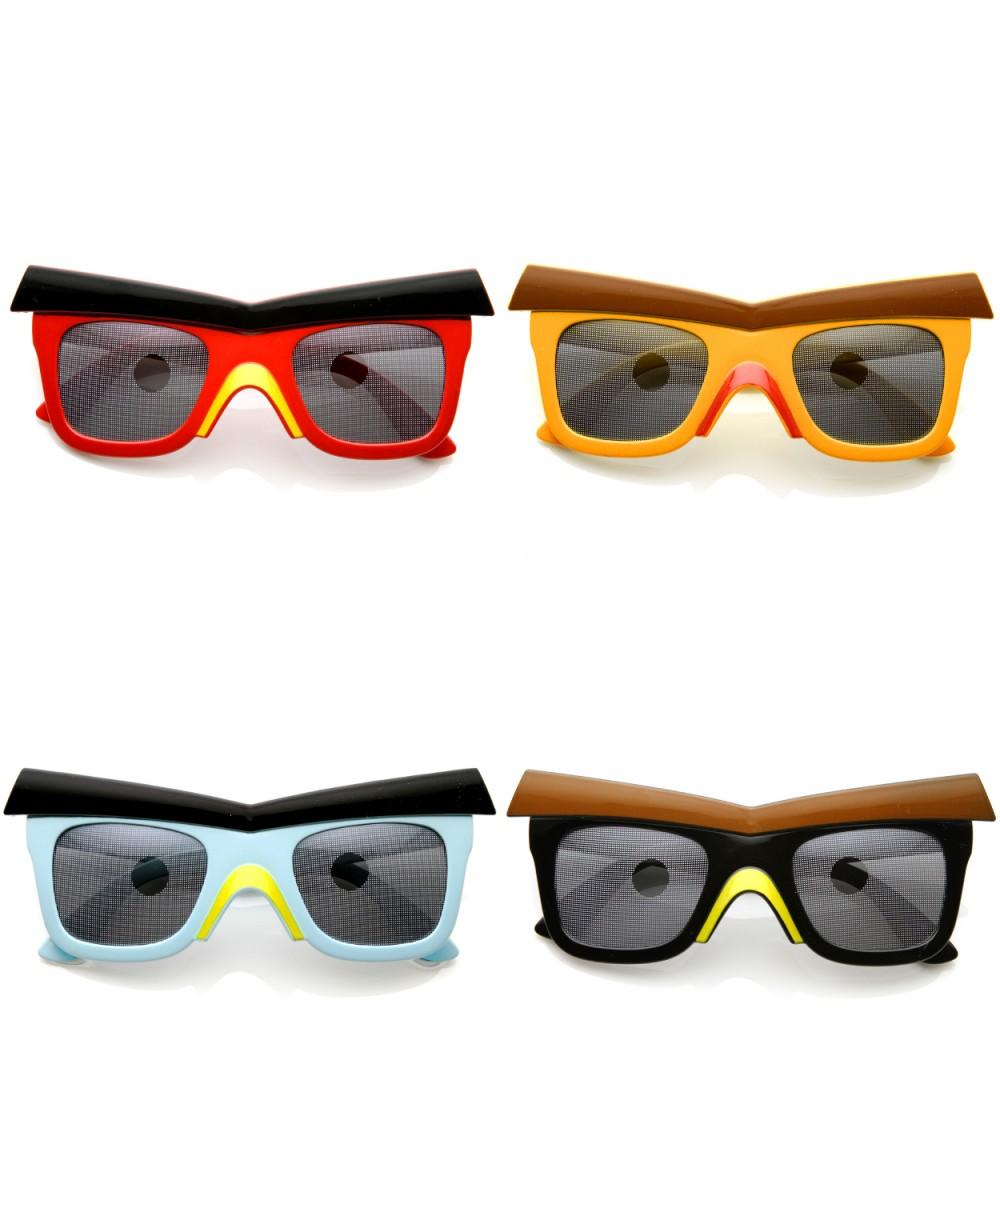 Beak-Sunglasses4 12 Unusual Sunglasses trends in 2021